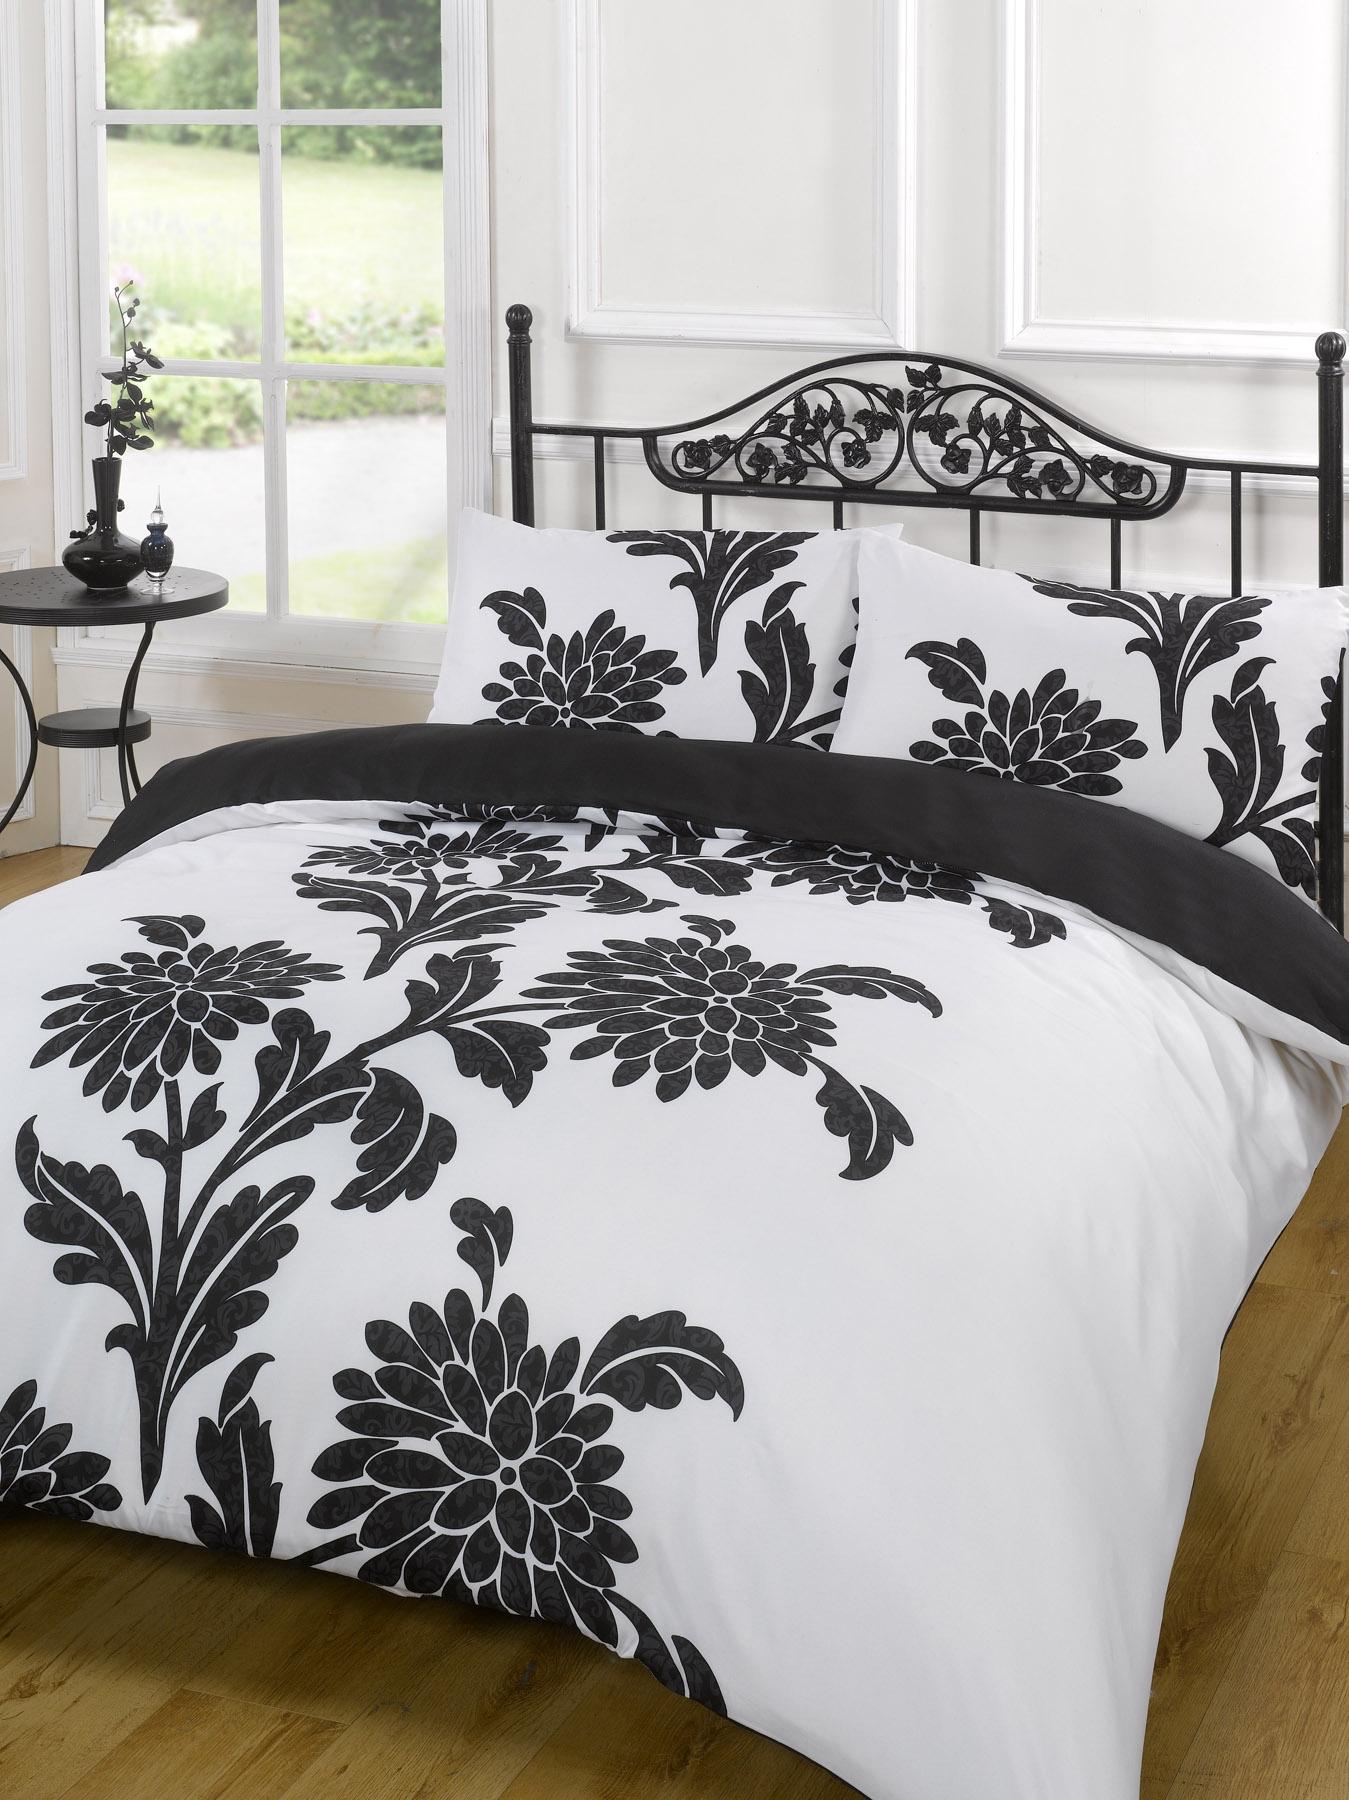 Duvet Quilt Cover Bedding Set Black White Single Double